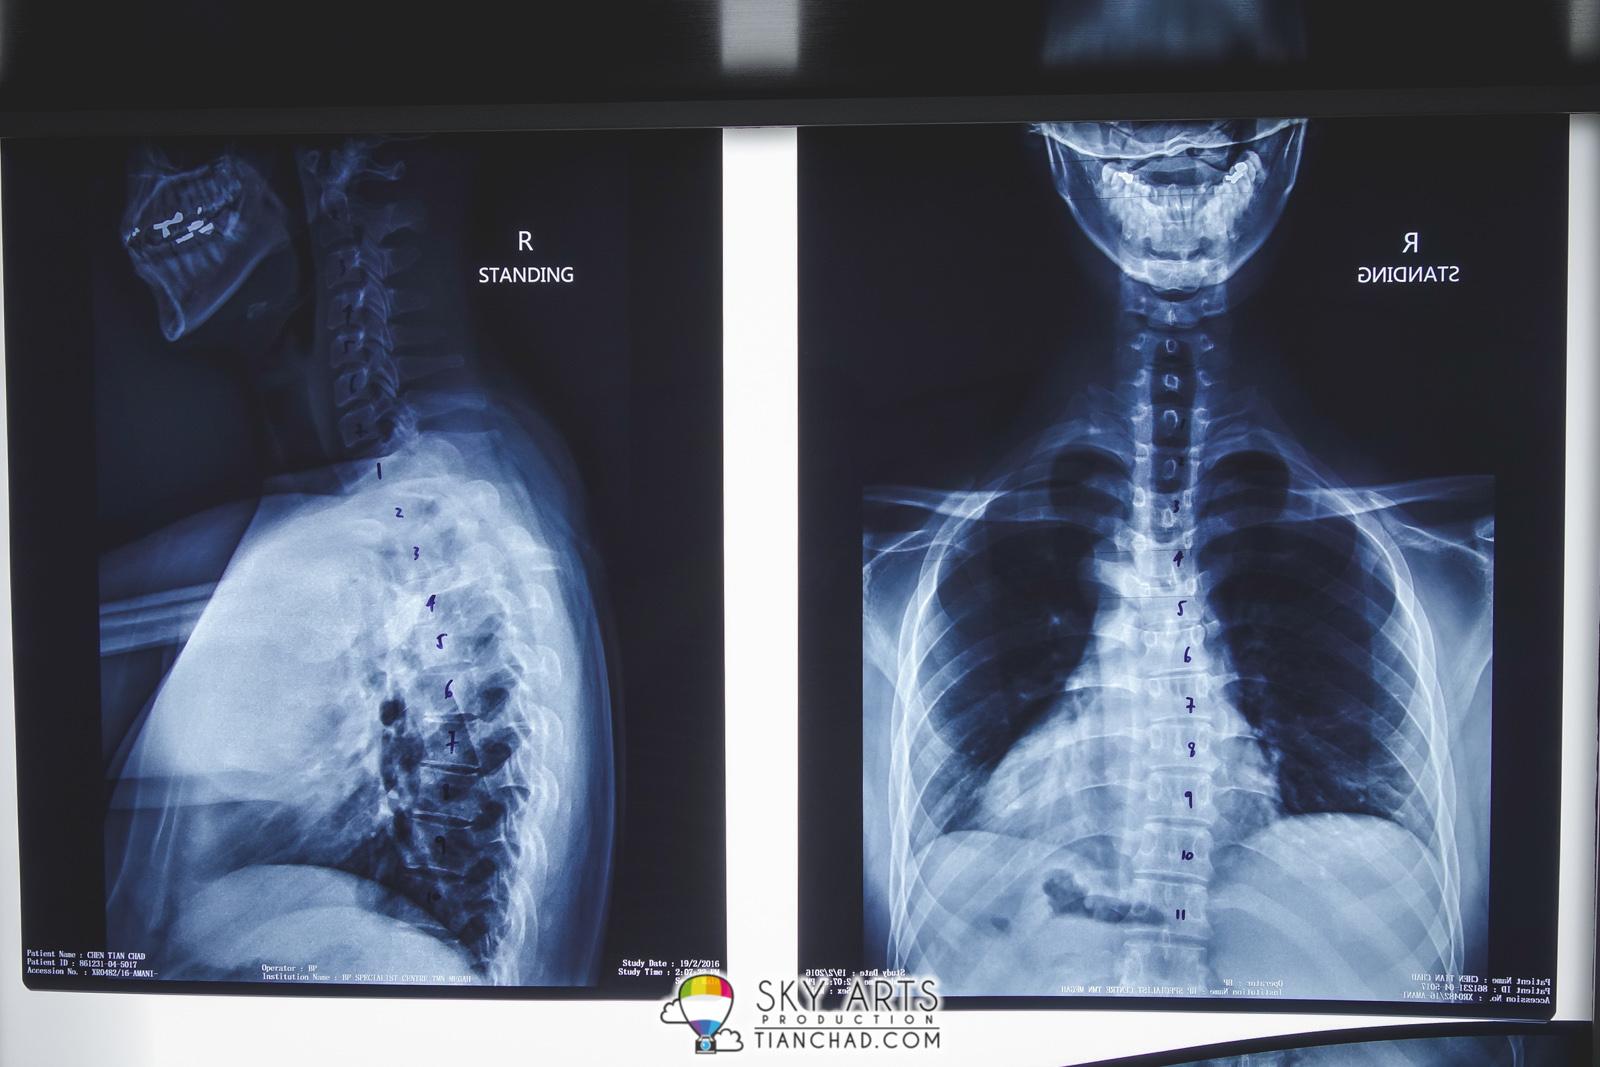 gonstead chiropracteur réparé mon mal de dos @ découvrir chiropractic chiropractic chiropractic ss 446676